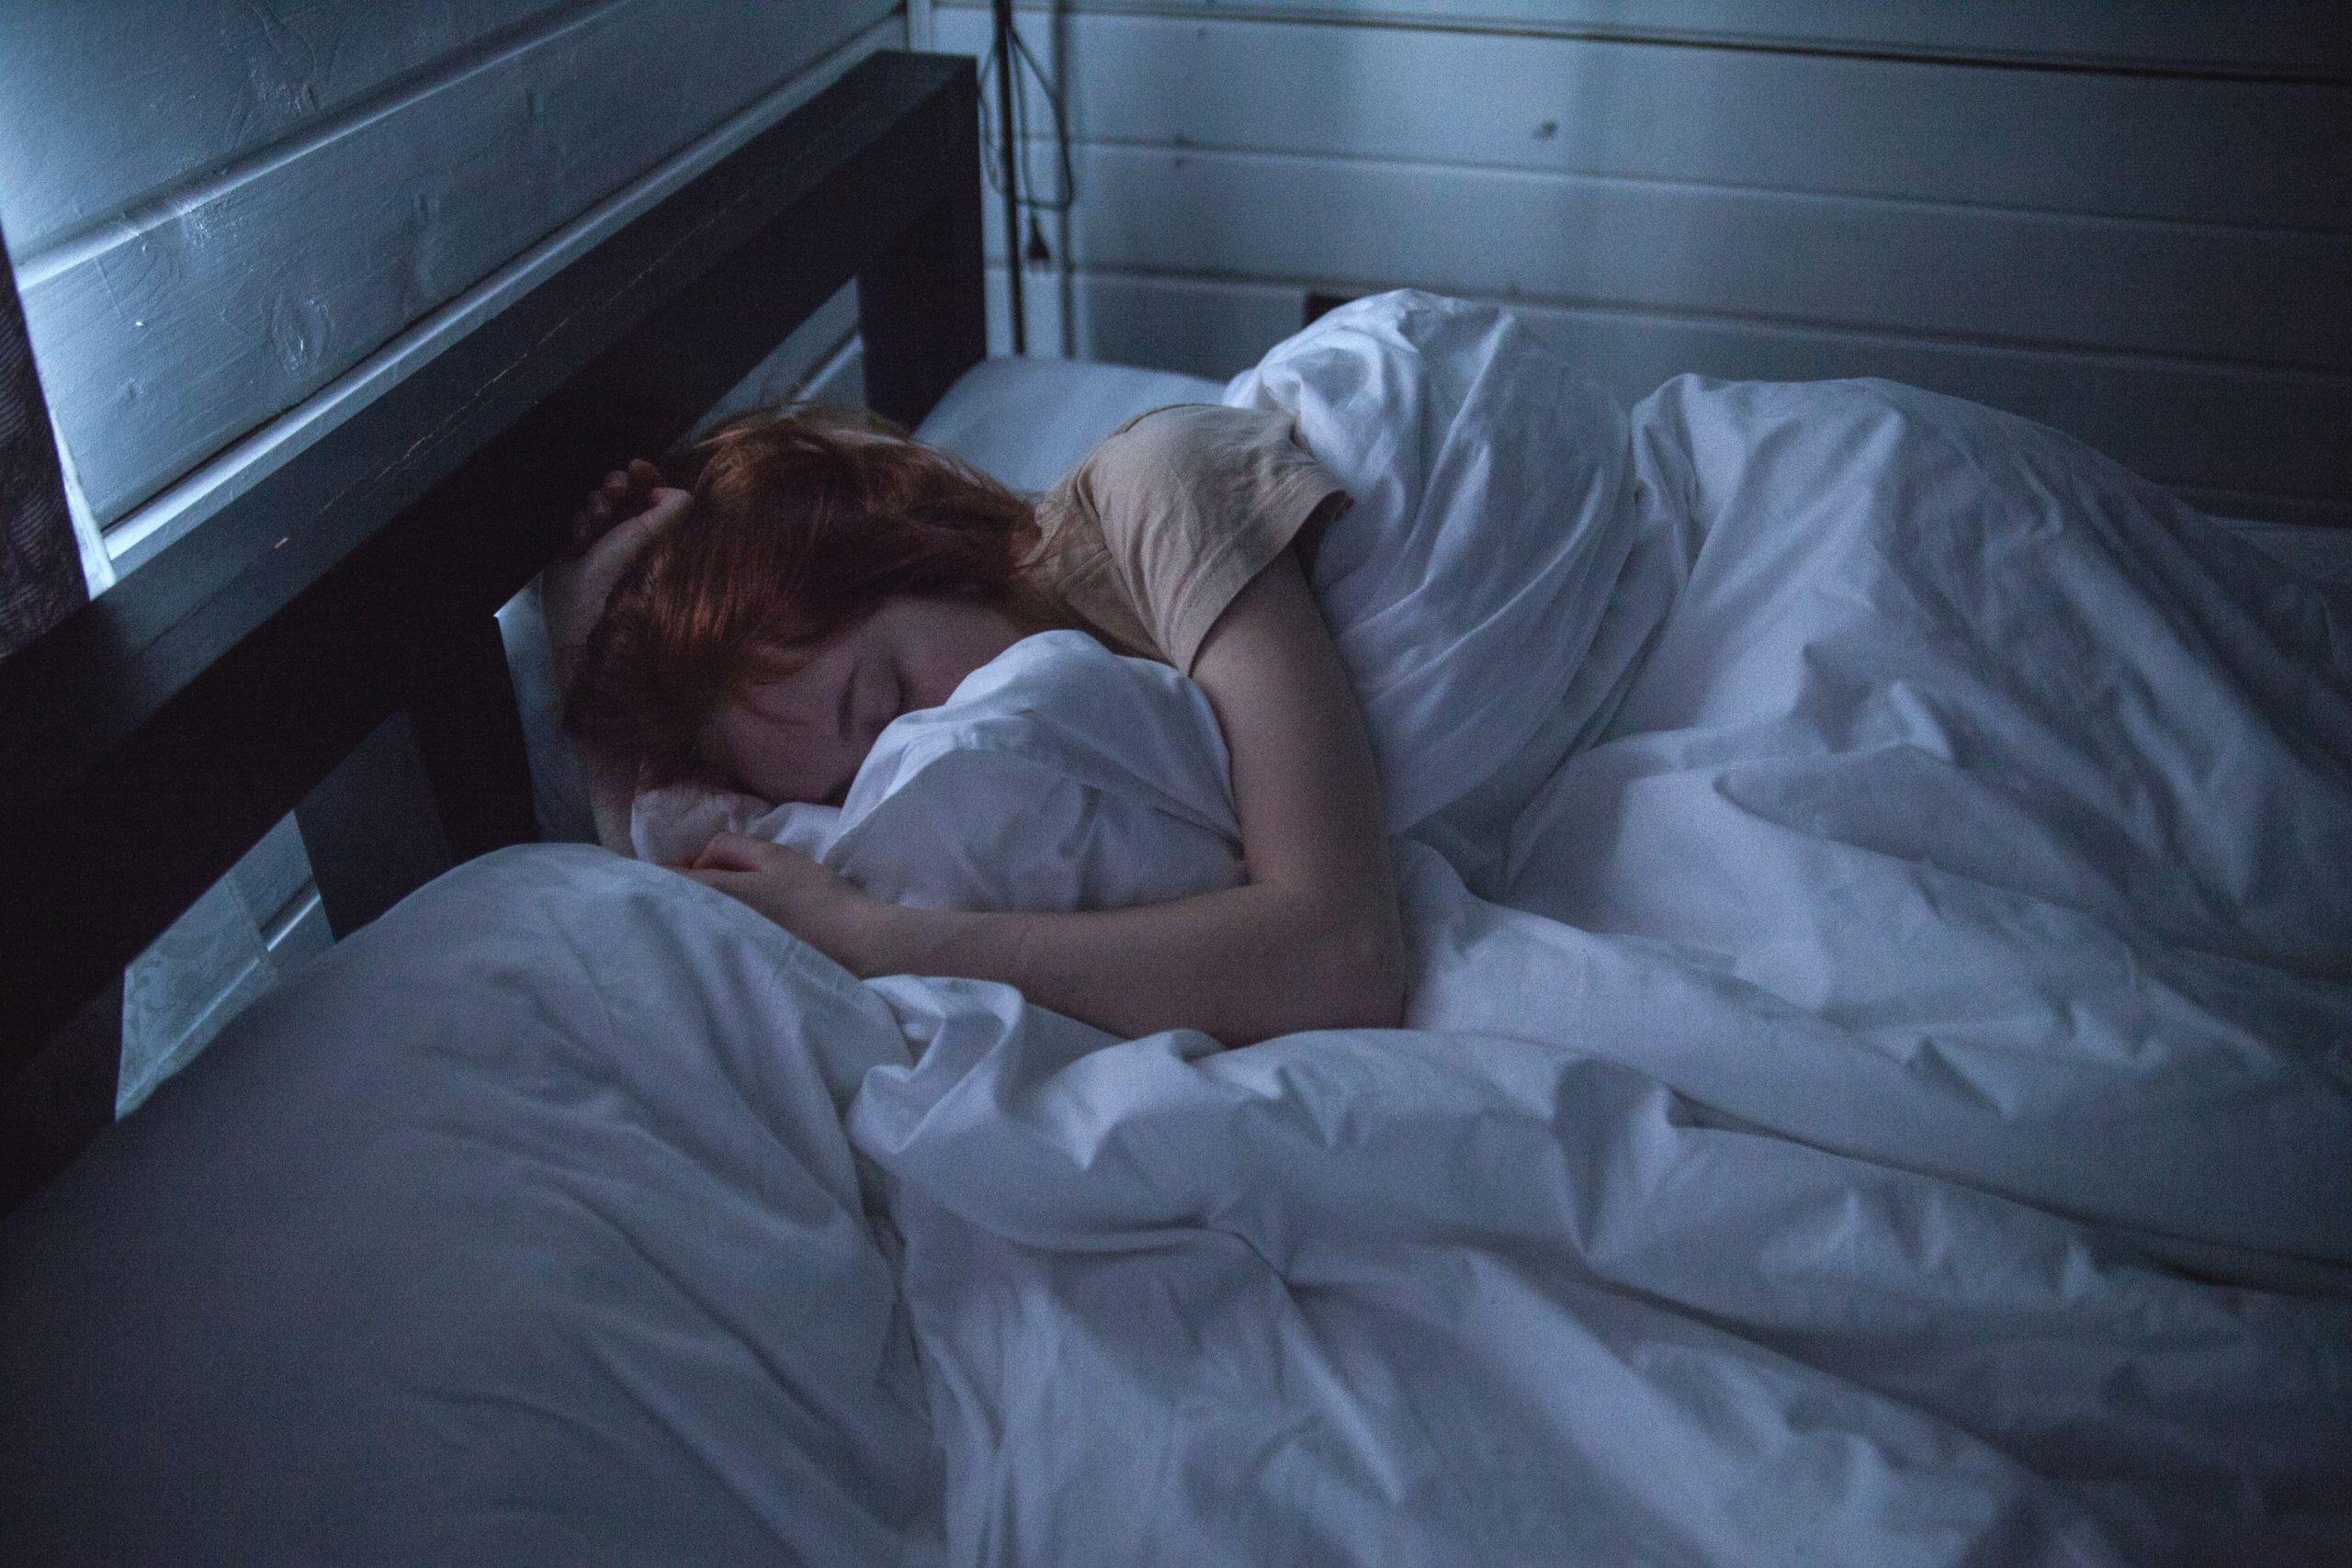 Pourquoi je n'arrive pas à dormir ?